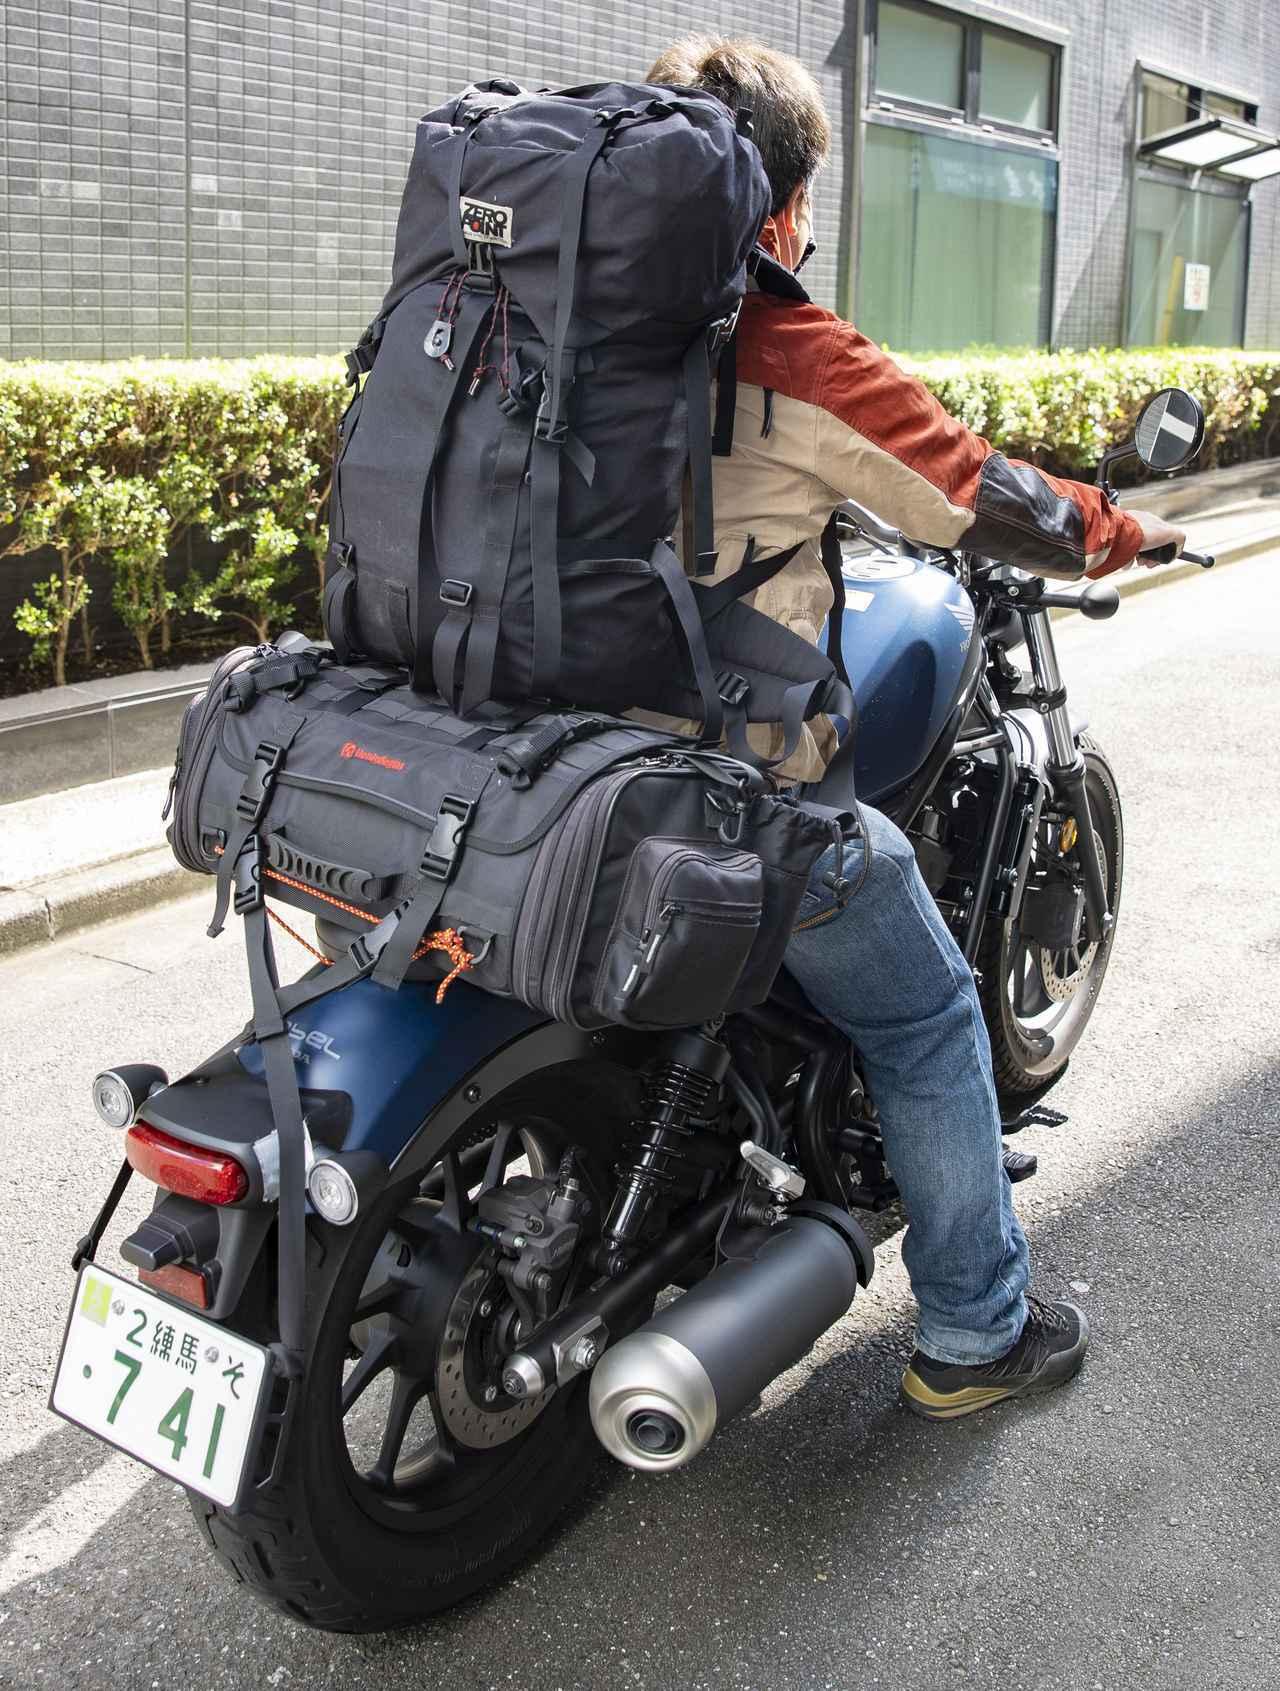 画像1: ホンダ「レブル250」でゆくキャンプツーリング! 荷物の積載、こうやれば何とかなります【積載インプレ】 - webオートバイ